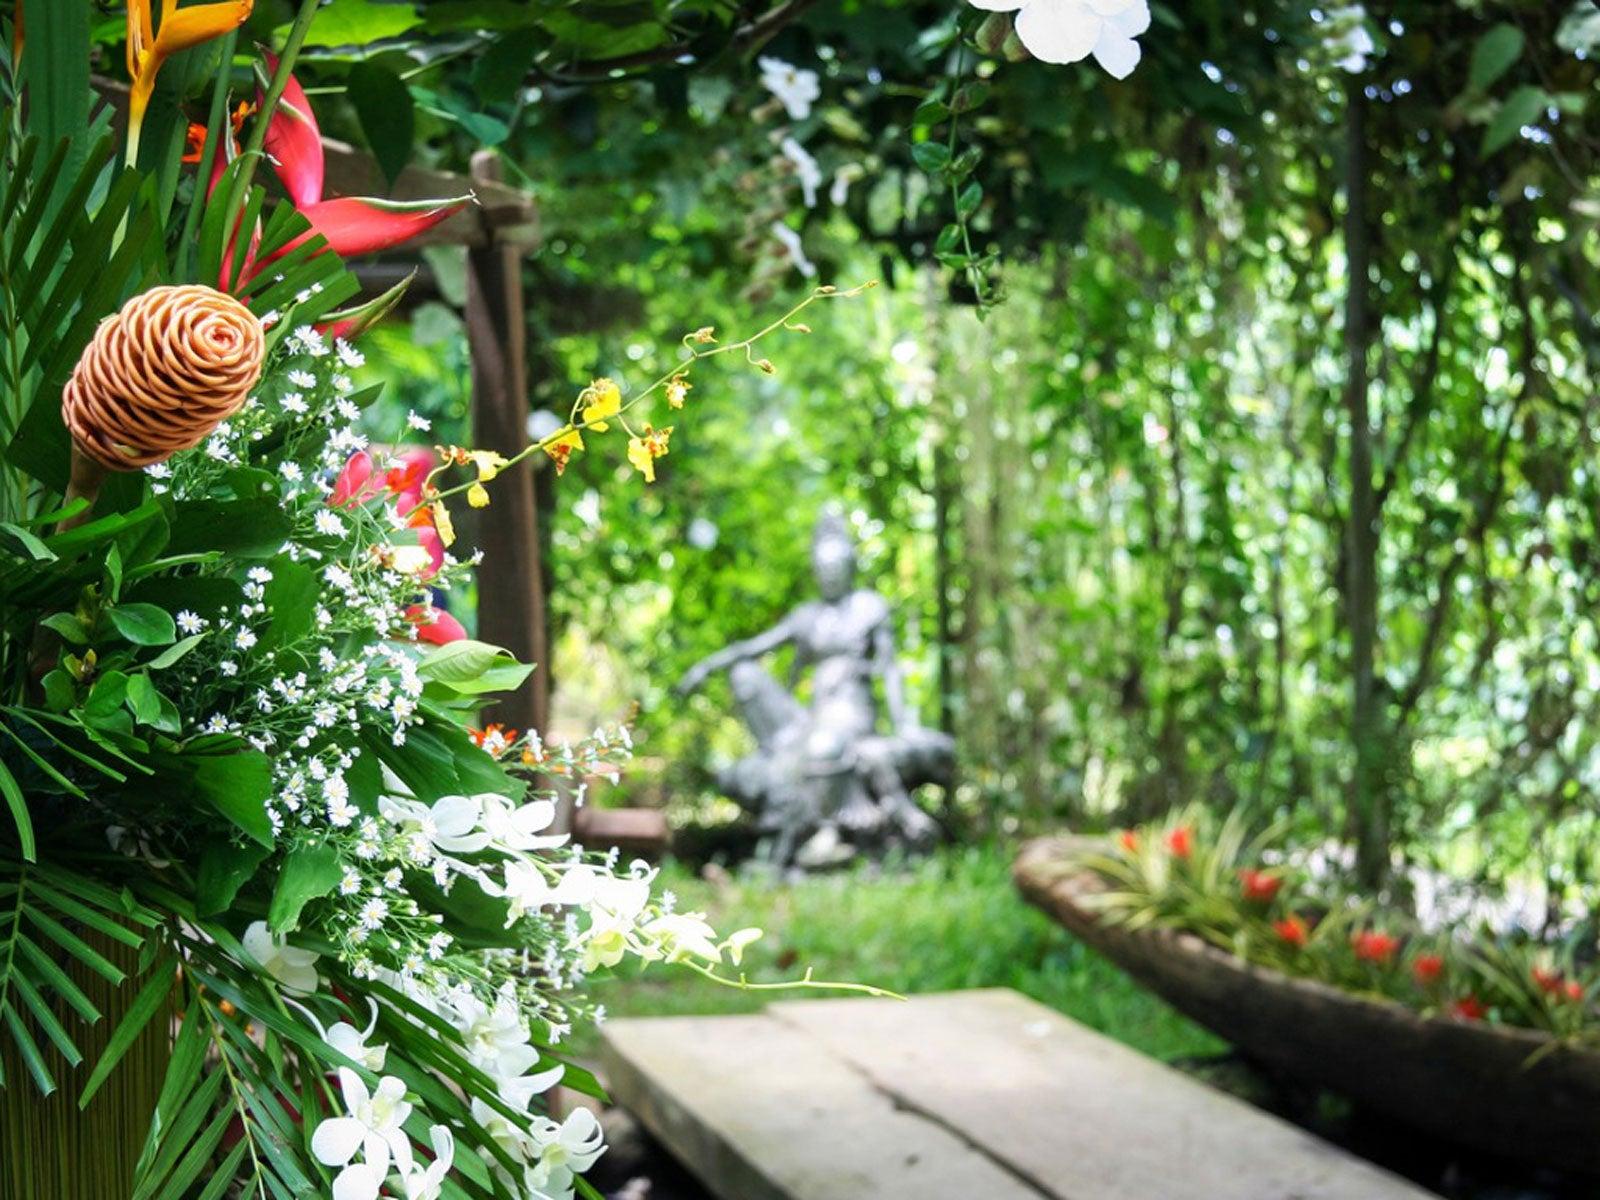 Philippine Garden Design: Growing Philippine Plants In ...